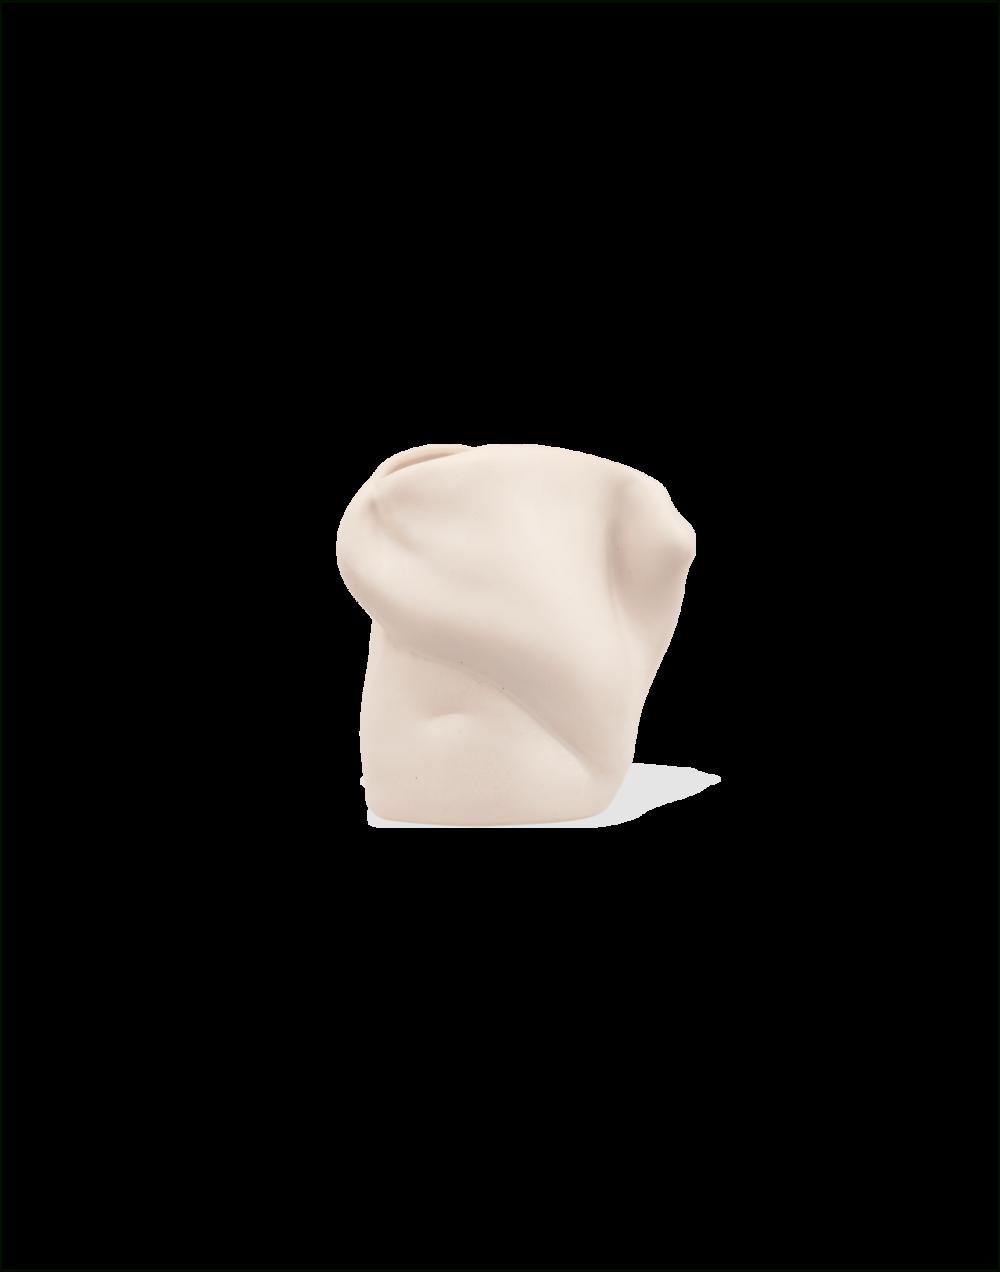 Completedworks-Ceramics-Object-5-2-1.png